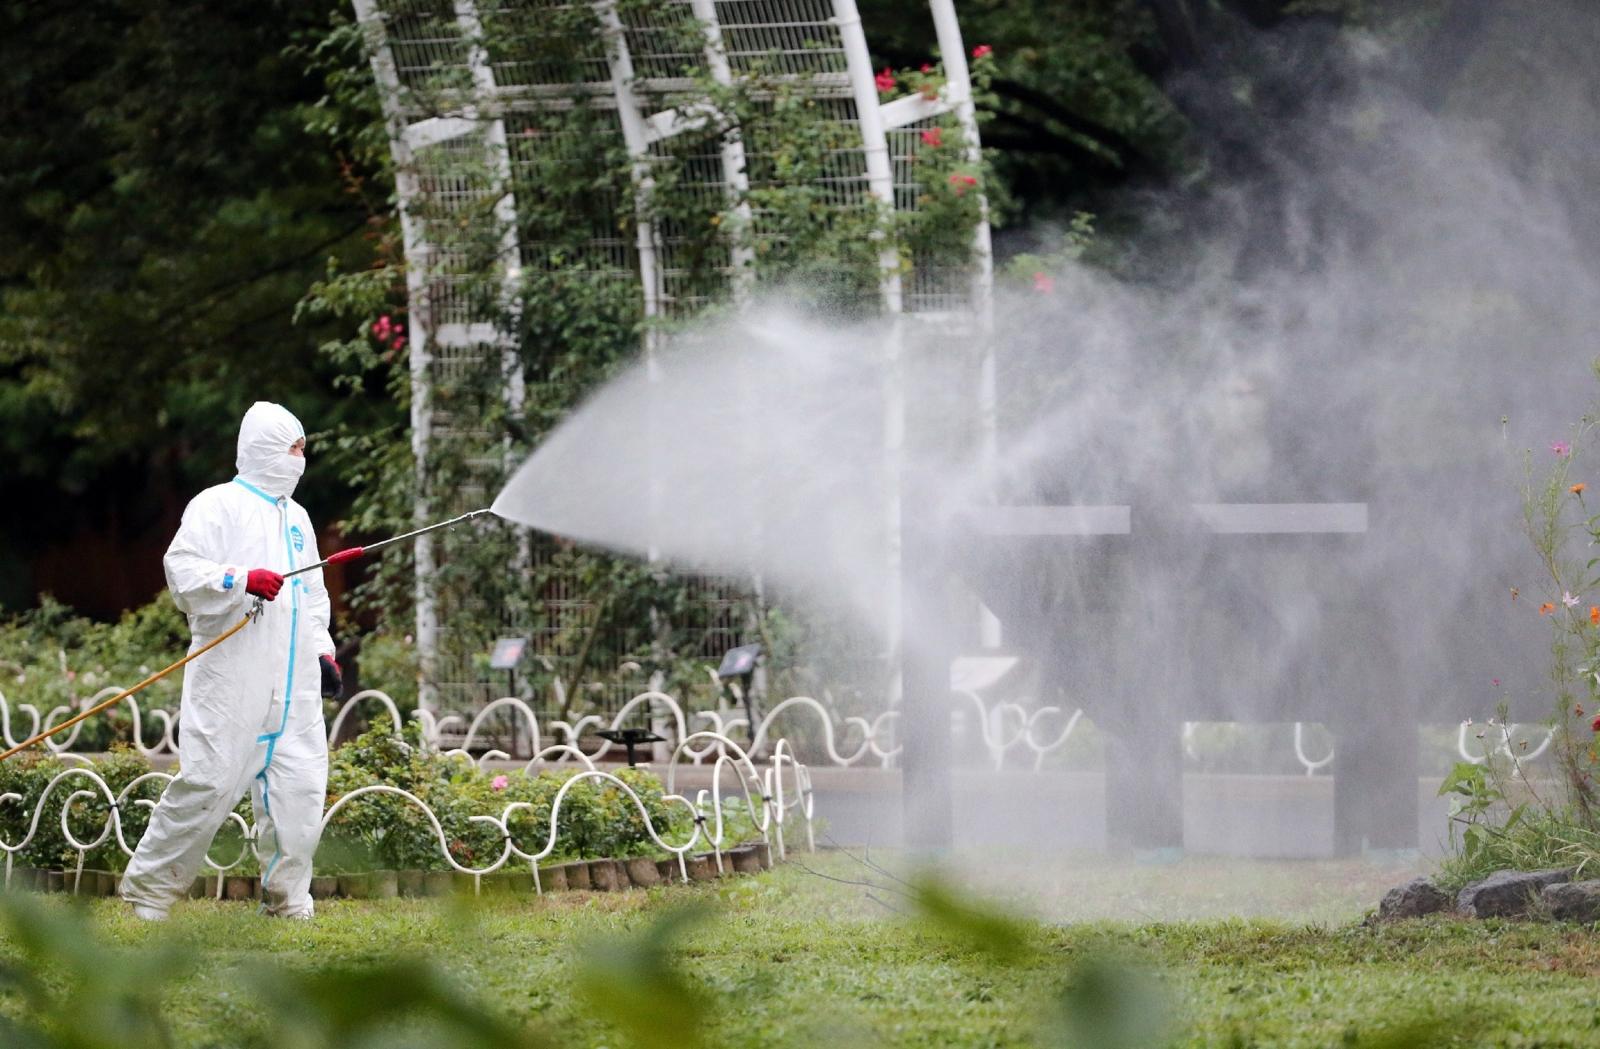 Yoyogi park Tokyo dengue fever